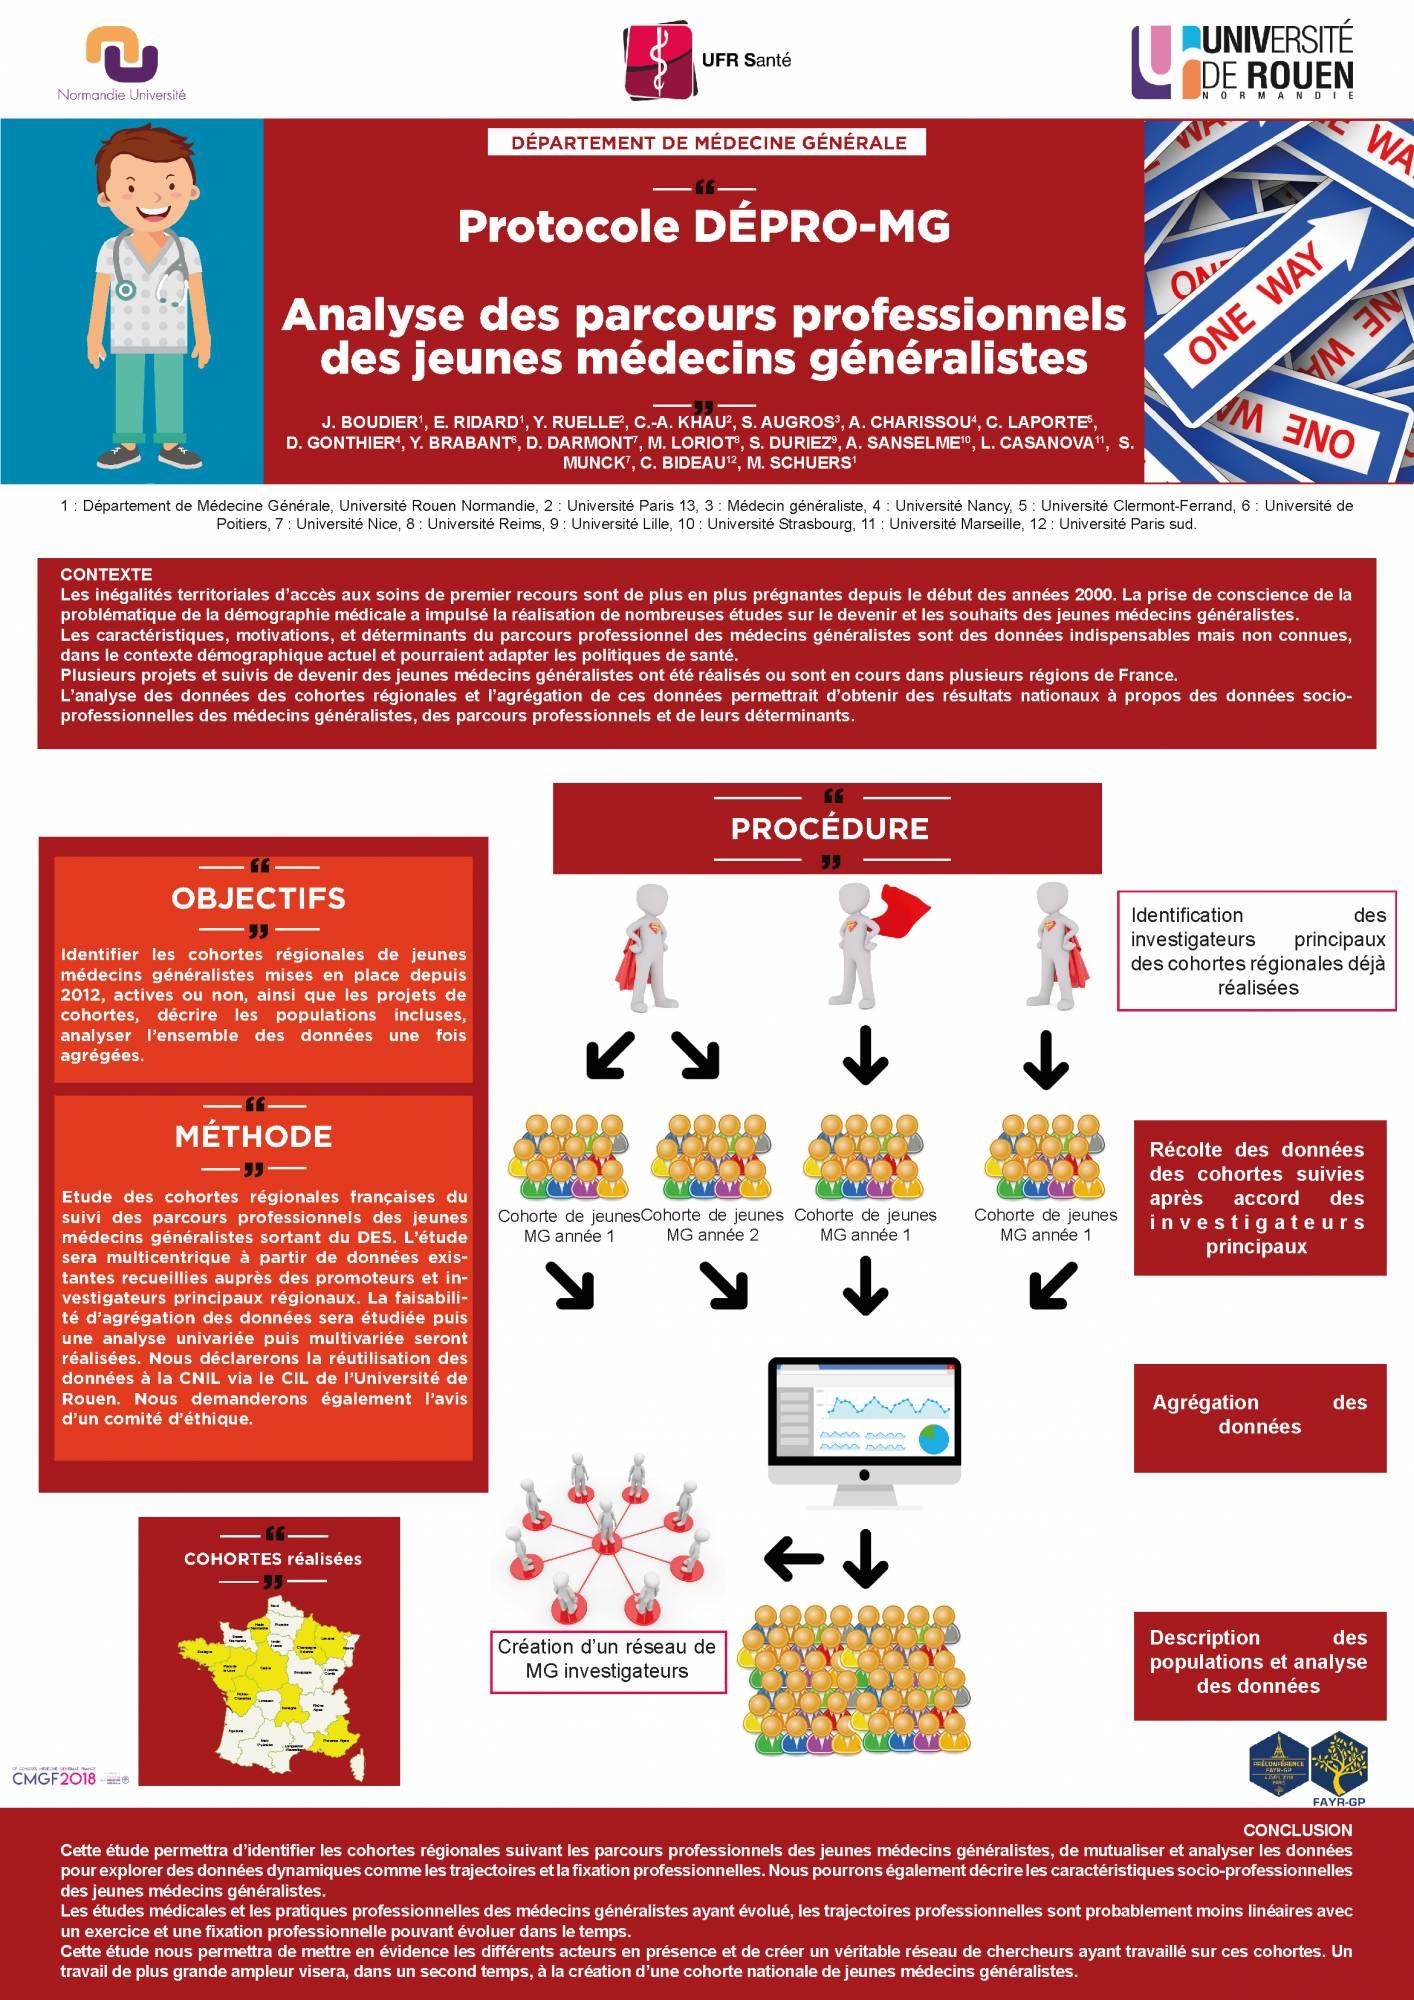 Boudier J et Al. Protocole DEPRO-MG : analyse des parcours professionnels des jeunes médecins généralistes. Poster présenté au : CMGF 2018. 12ème Congrès de Médecine Générale France. 05 avril 2018; Paris, France.